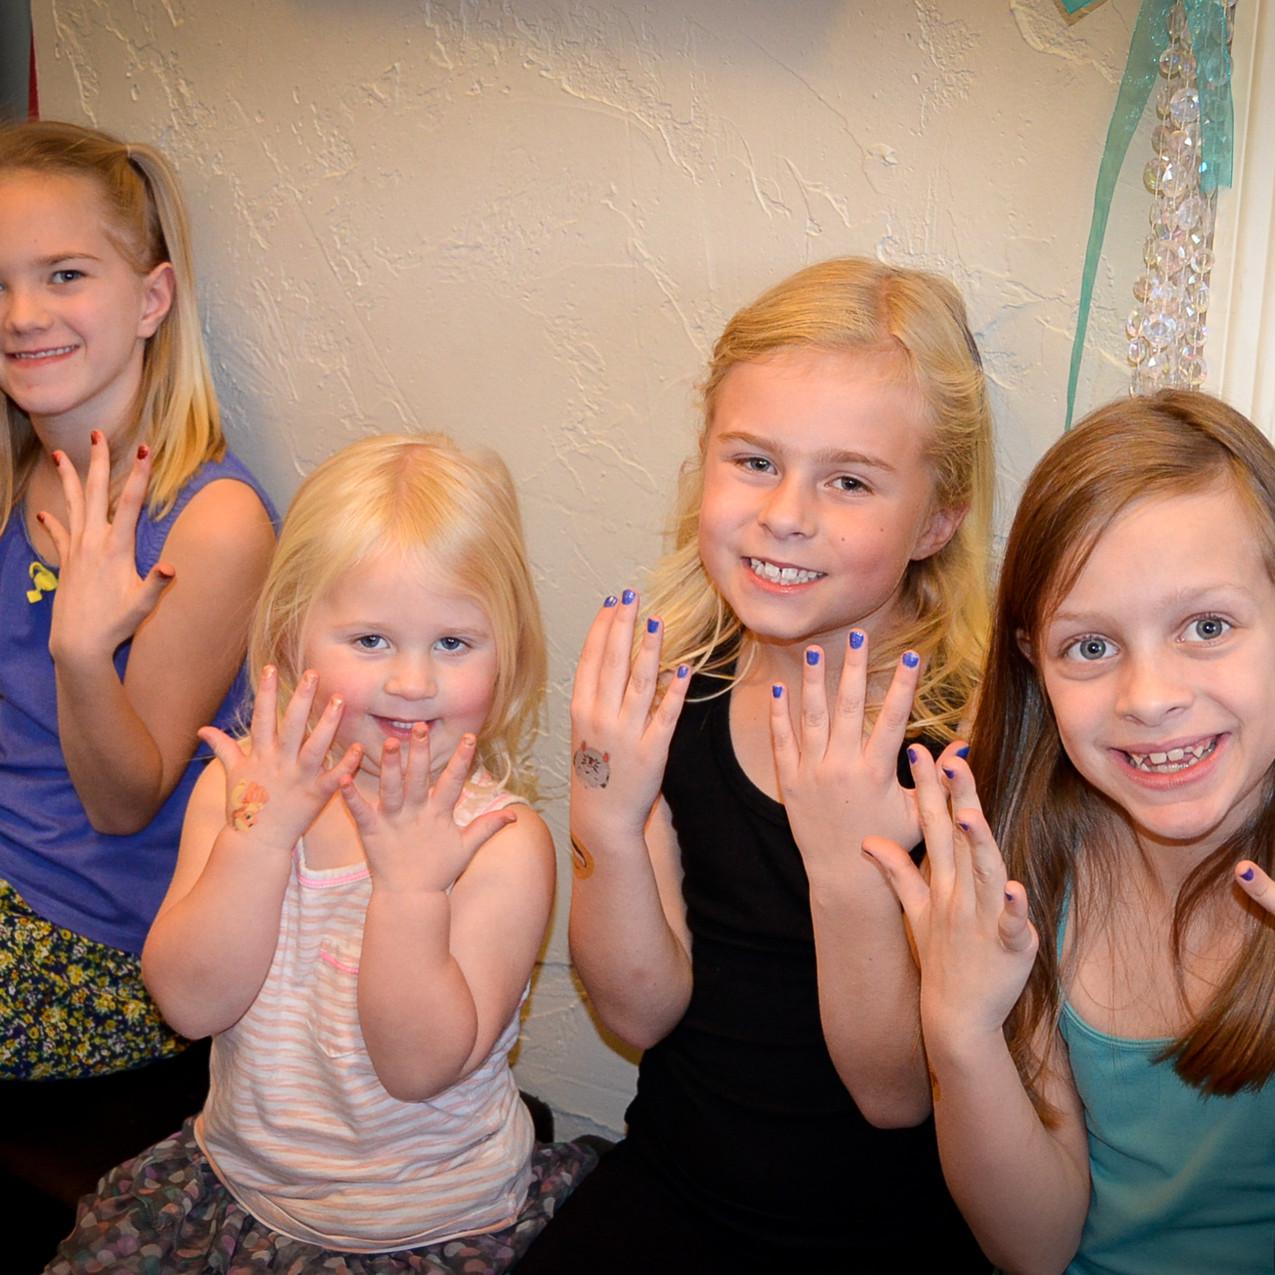 Kids Nail Salon